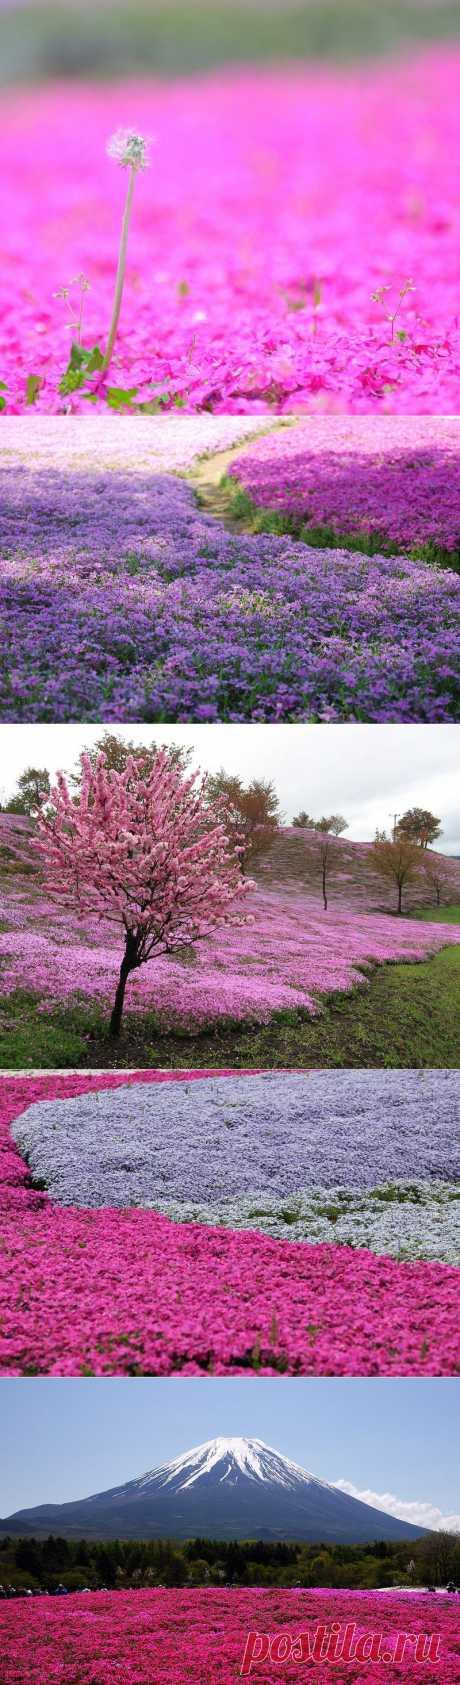 Буйство красок травяной сакуры :  НОВОСТИ В ФОТОГРАФИЯХ